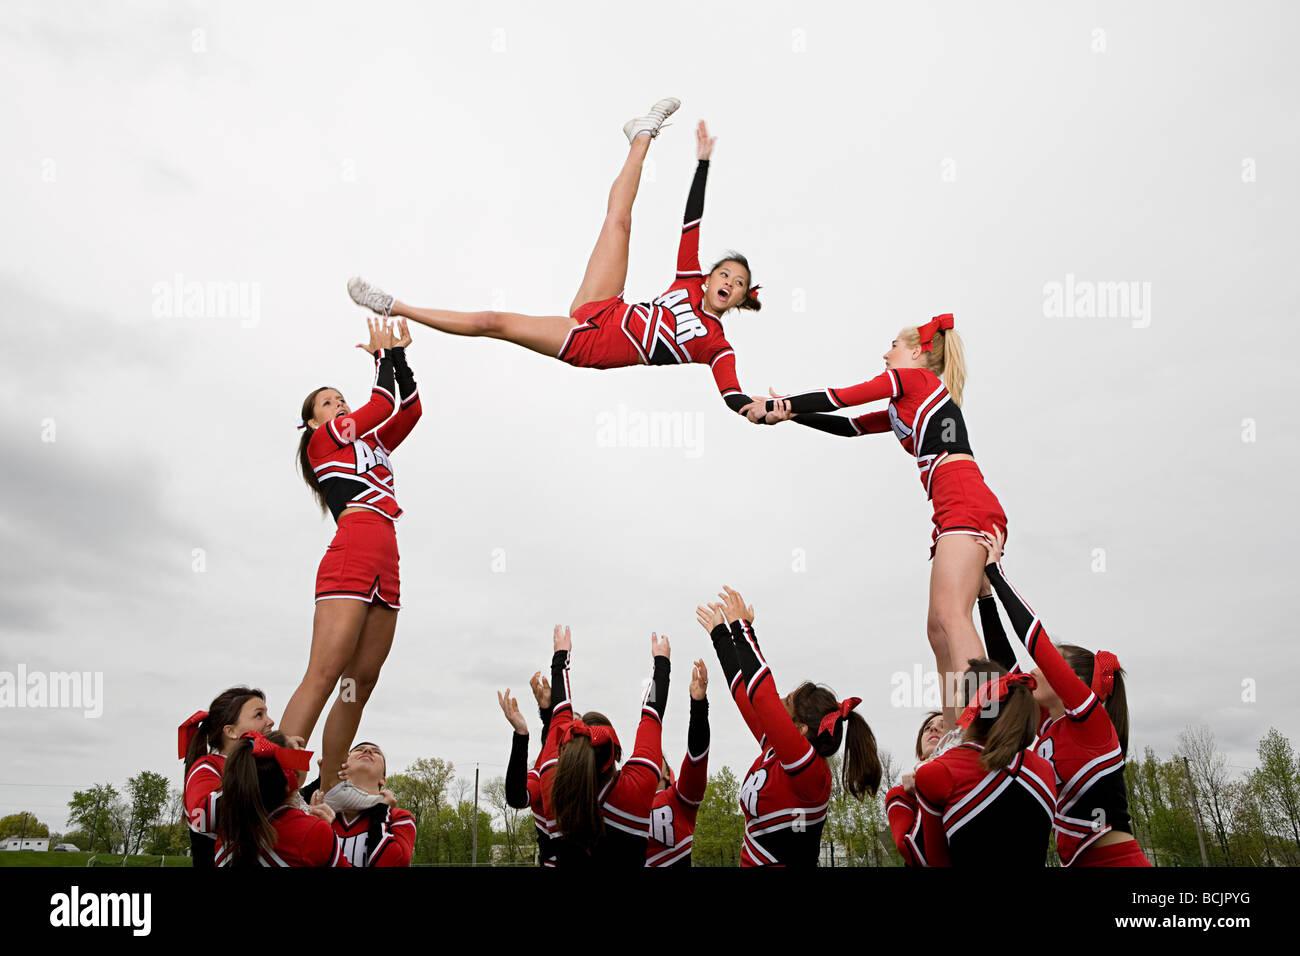 Rutina de cheerleaders Imagen De Stock